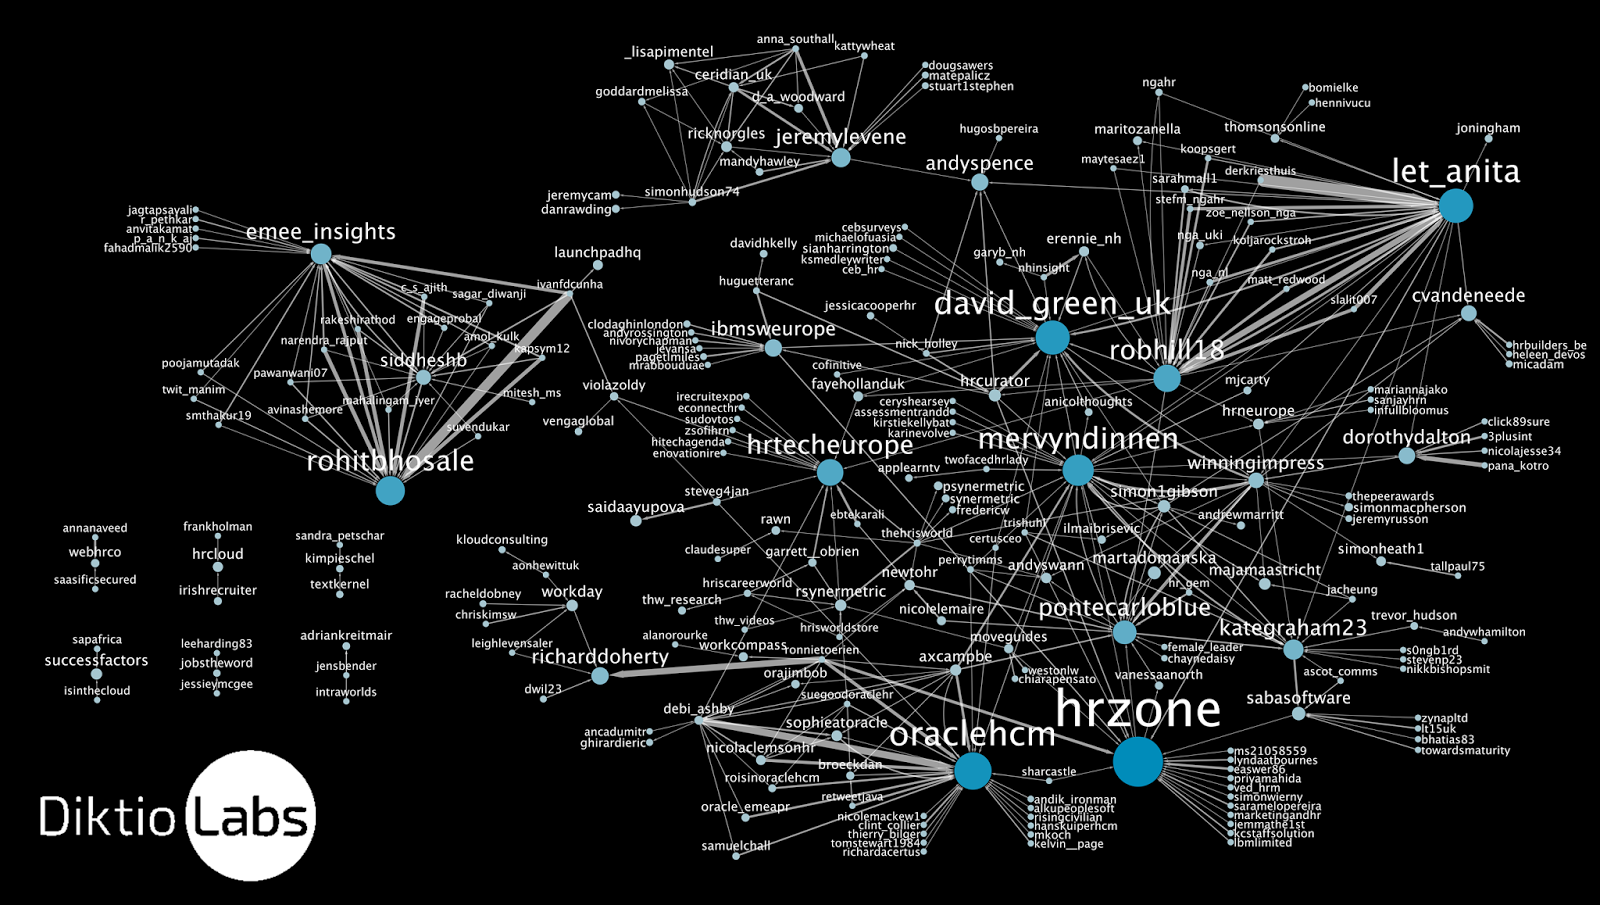 http://2.bp.blogspot.com/-BzyzZ-tT28M/VRVSSQY-MSI/AAAAAAAAAX0/fhAji6sUzms/s1600/HRTech_retweet_network_min3interactions.png